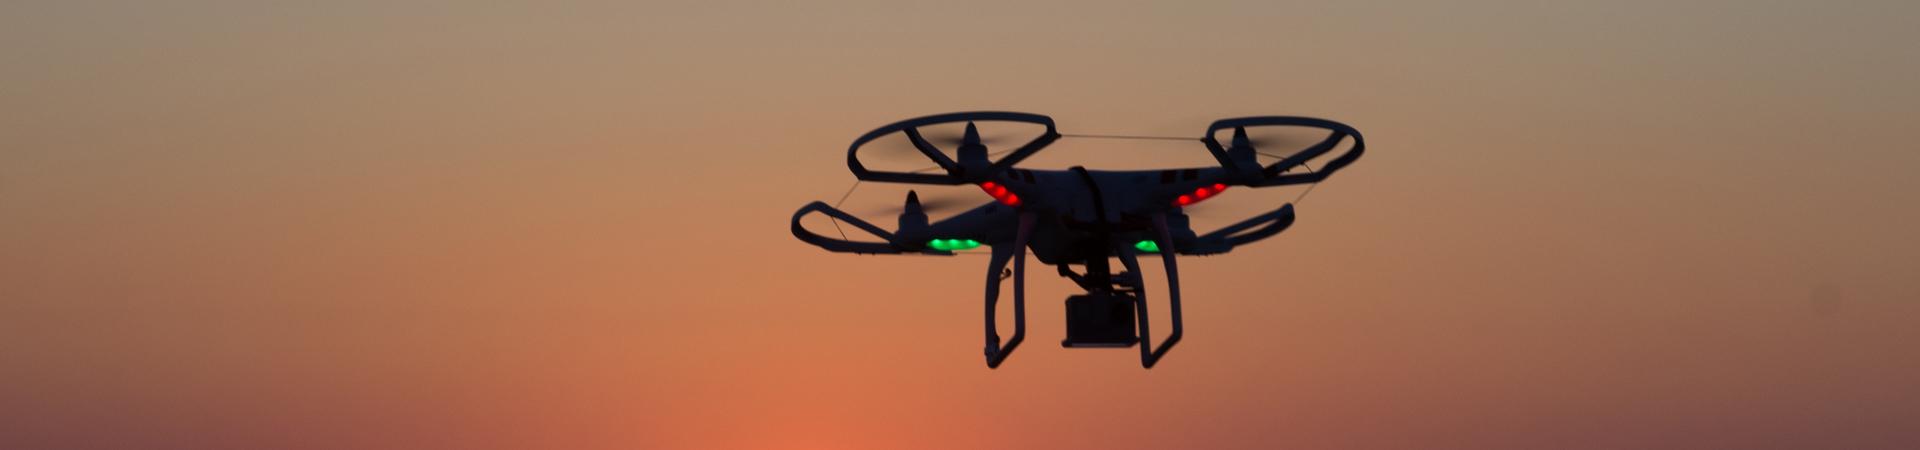 e-drone